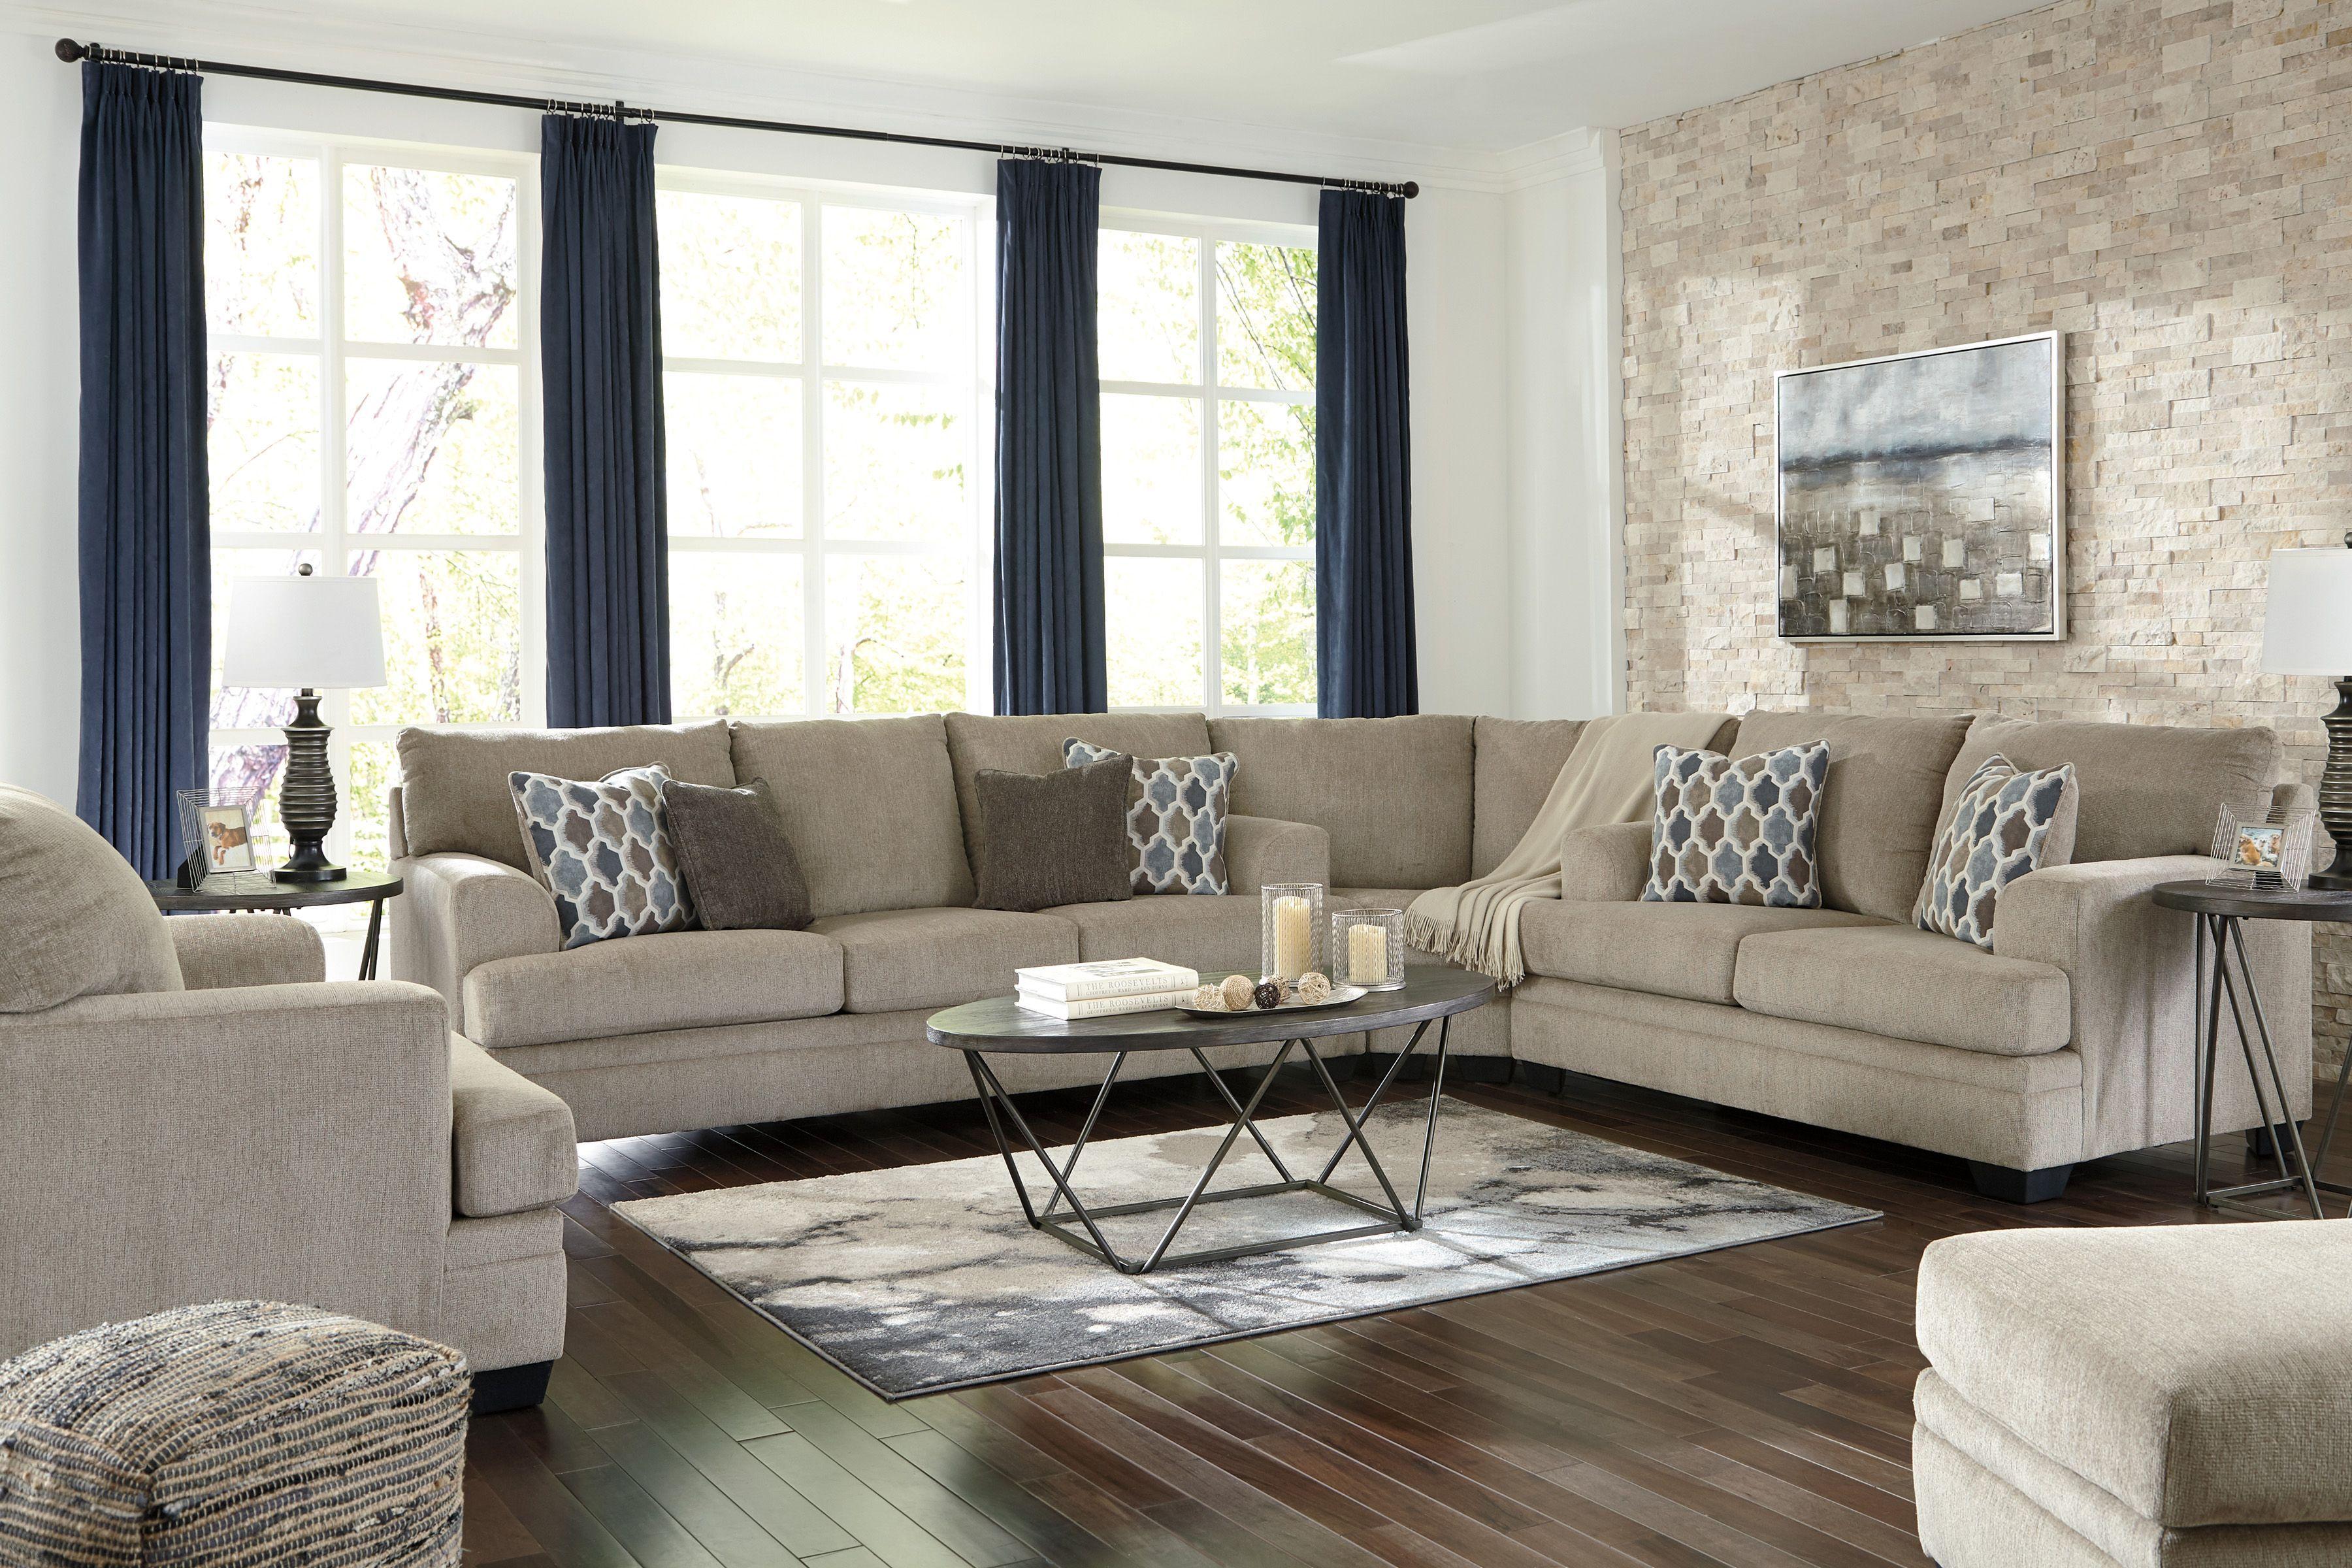 Dorsten Sisal Raf Sectional Asl 7720538 77 35 In 2020 Living Room Sets Living Room Diy Living Room Furniture